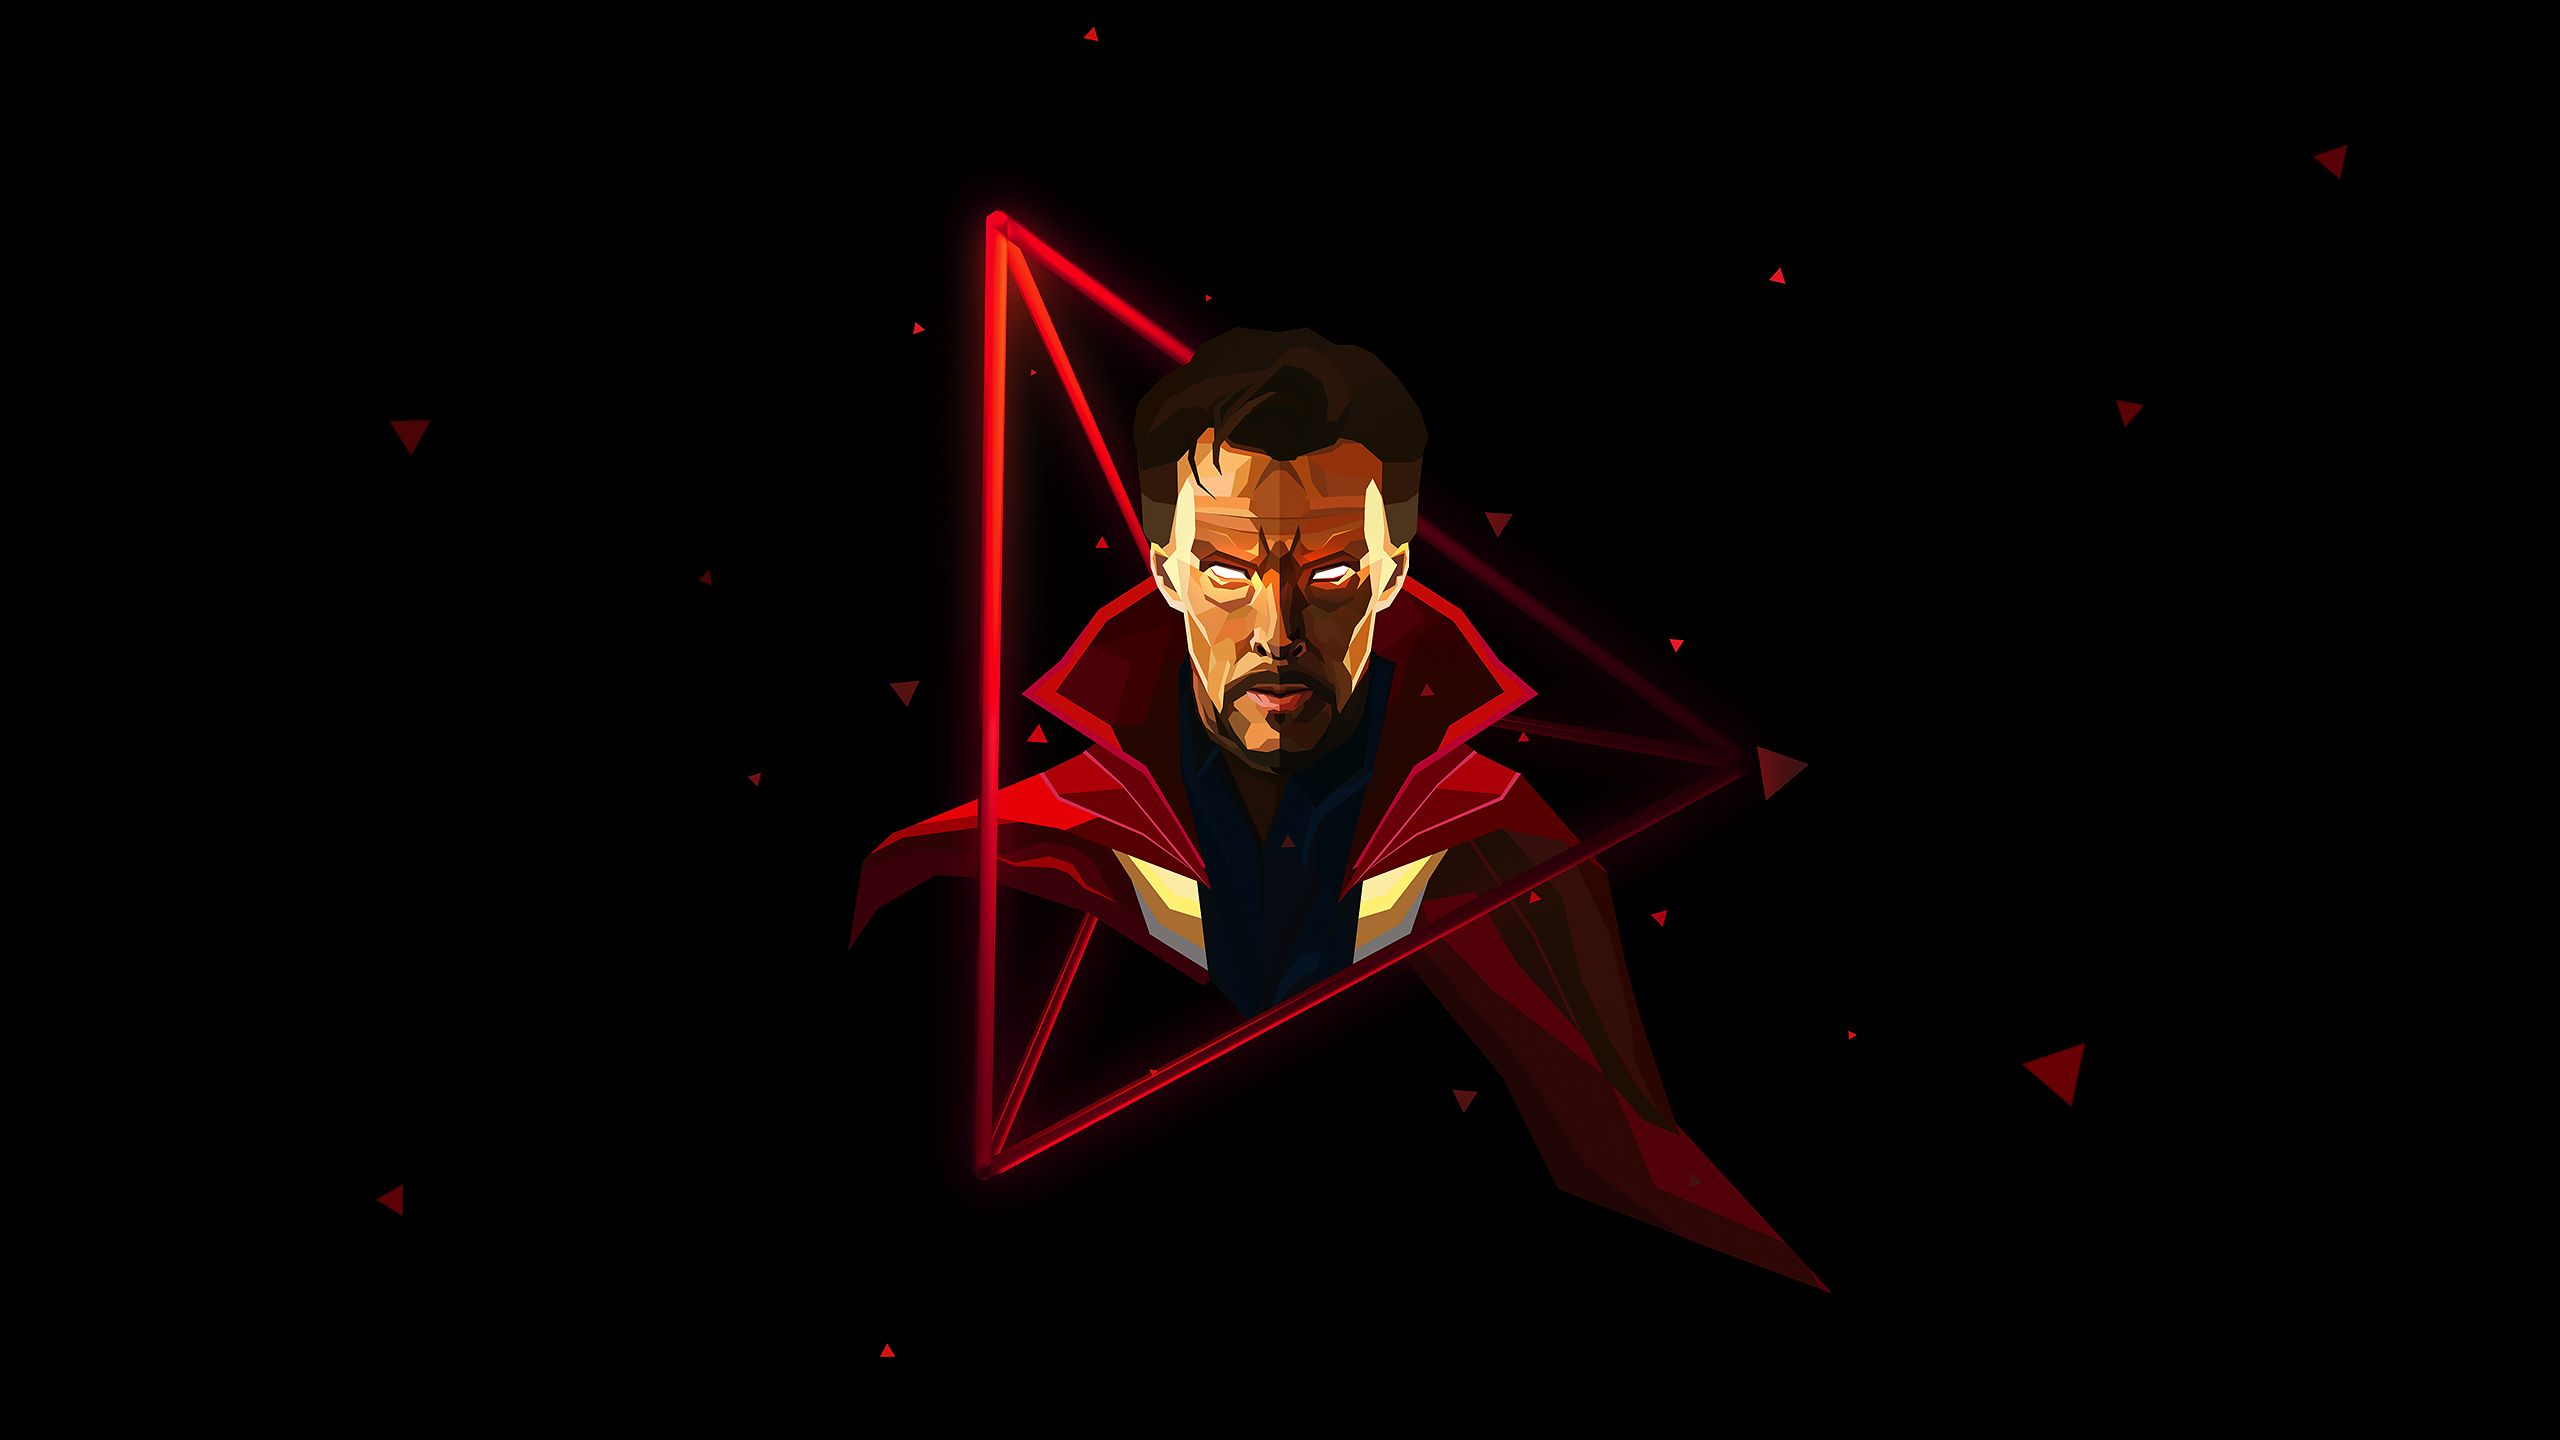 Doctor Minimalart Strange Marvel Wallpaper Doctor Strange Marvel Creative Graphics